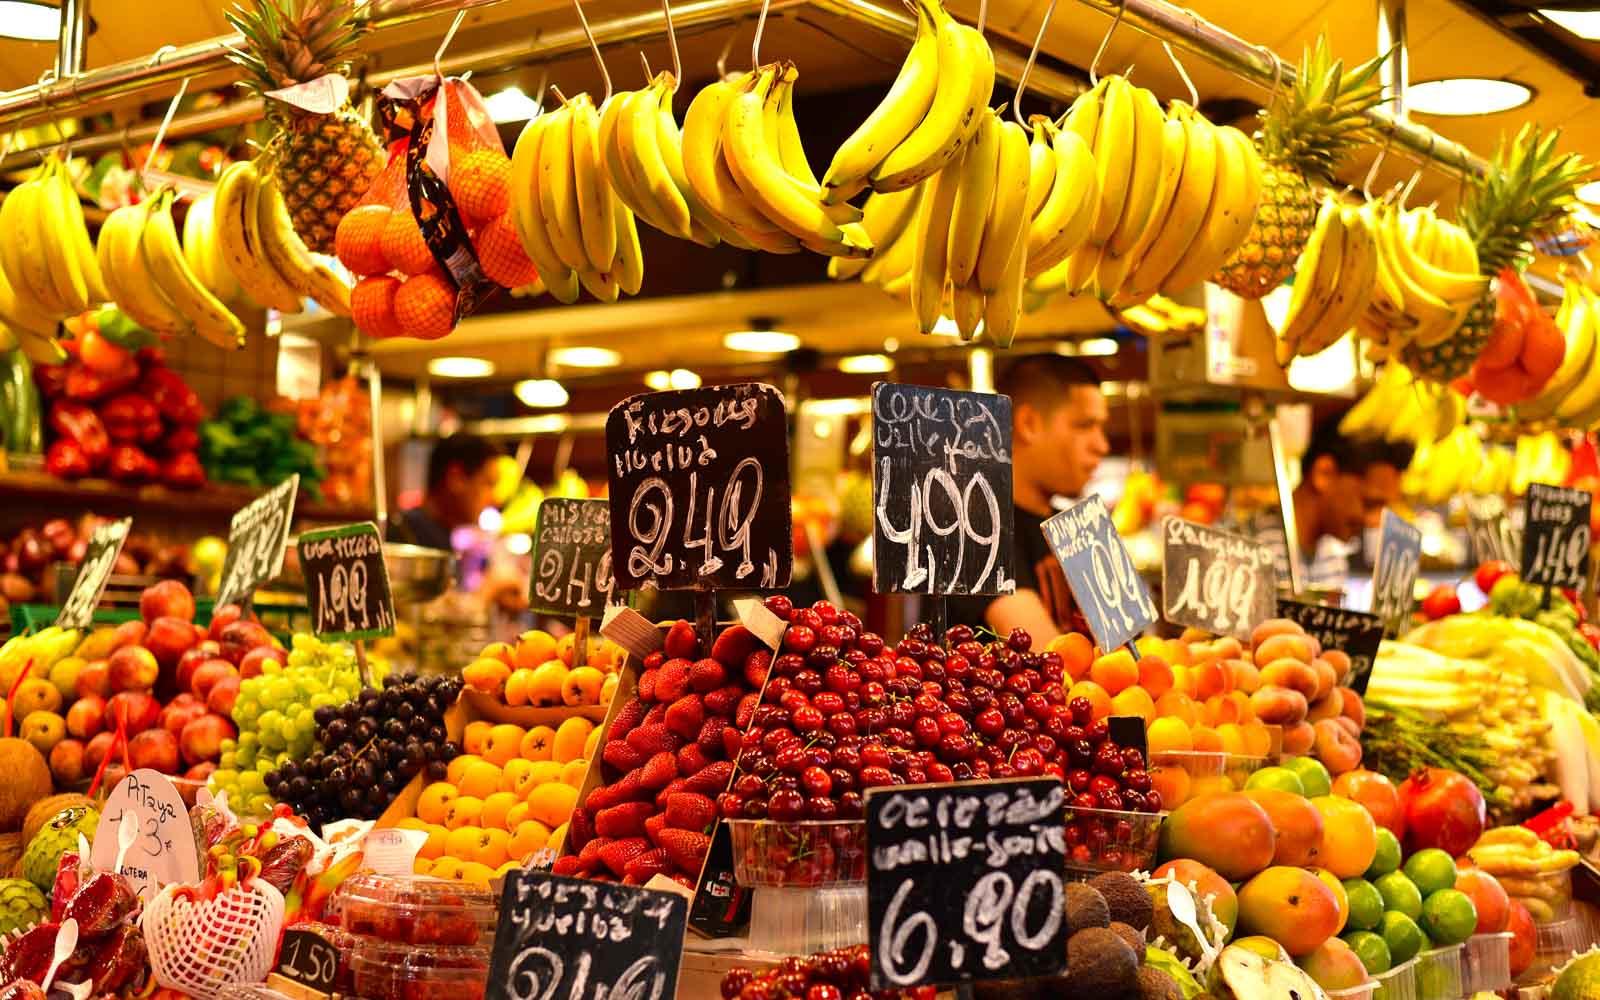 کیوسک میوه، ایده ای منحصر به فرد و جدید برای تجارت